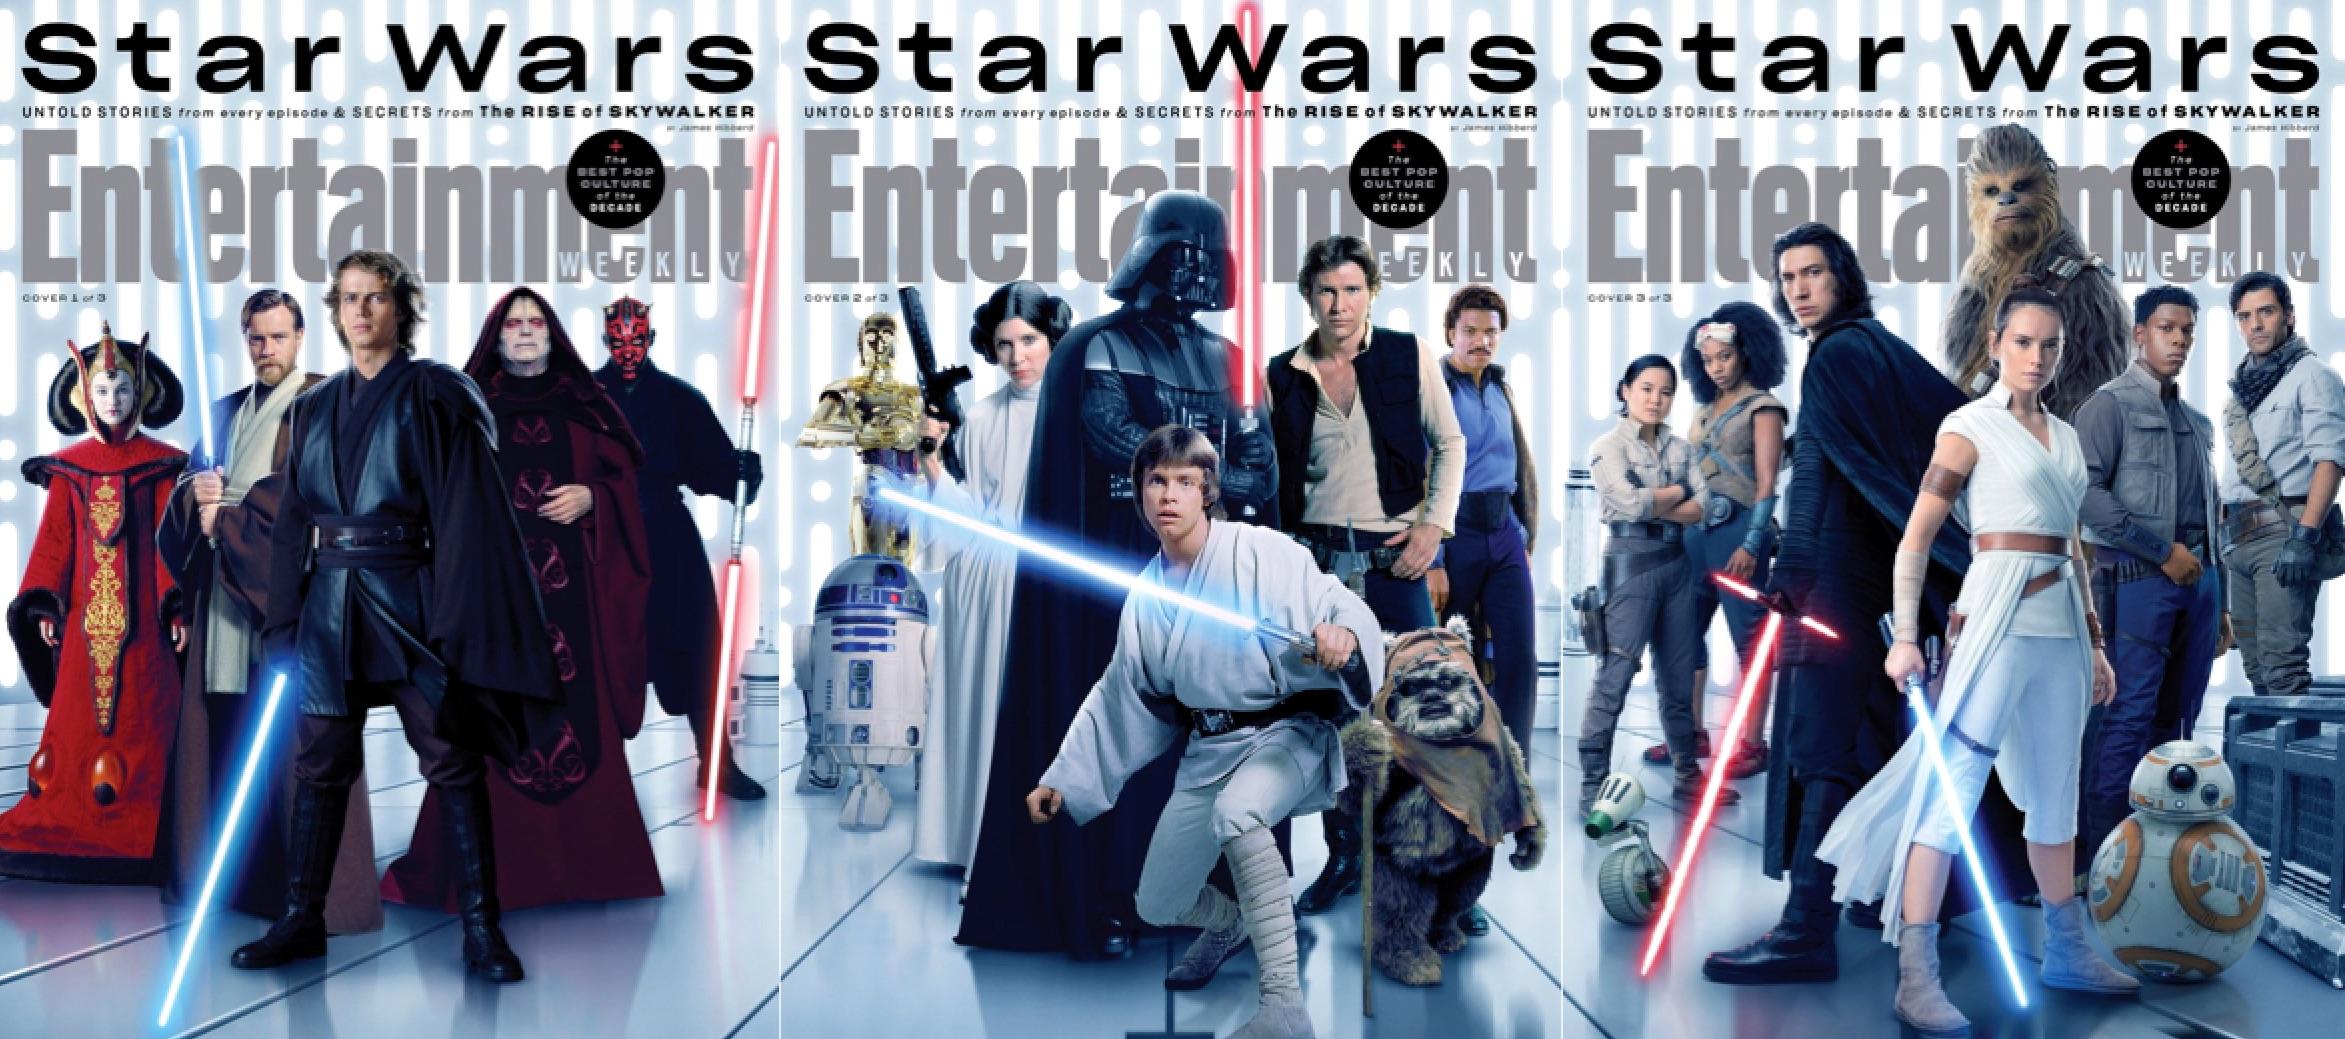 Gwiezdne wojny - Skywalker Odrodzenie - okładki Entertainment Weekly